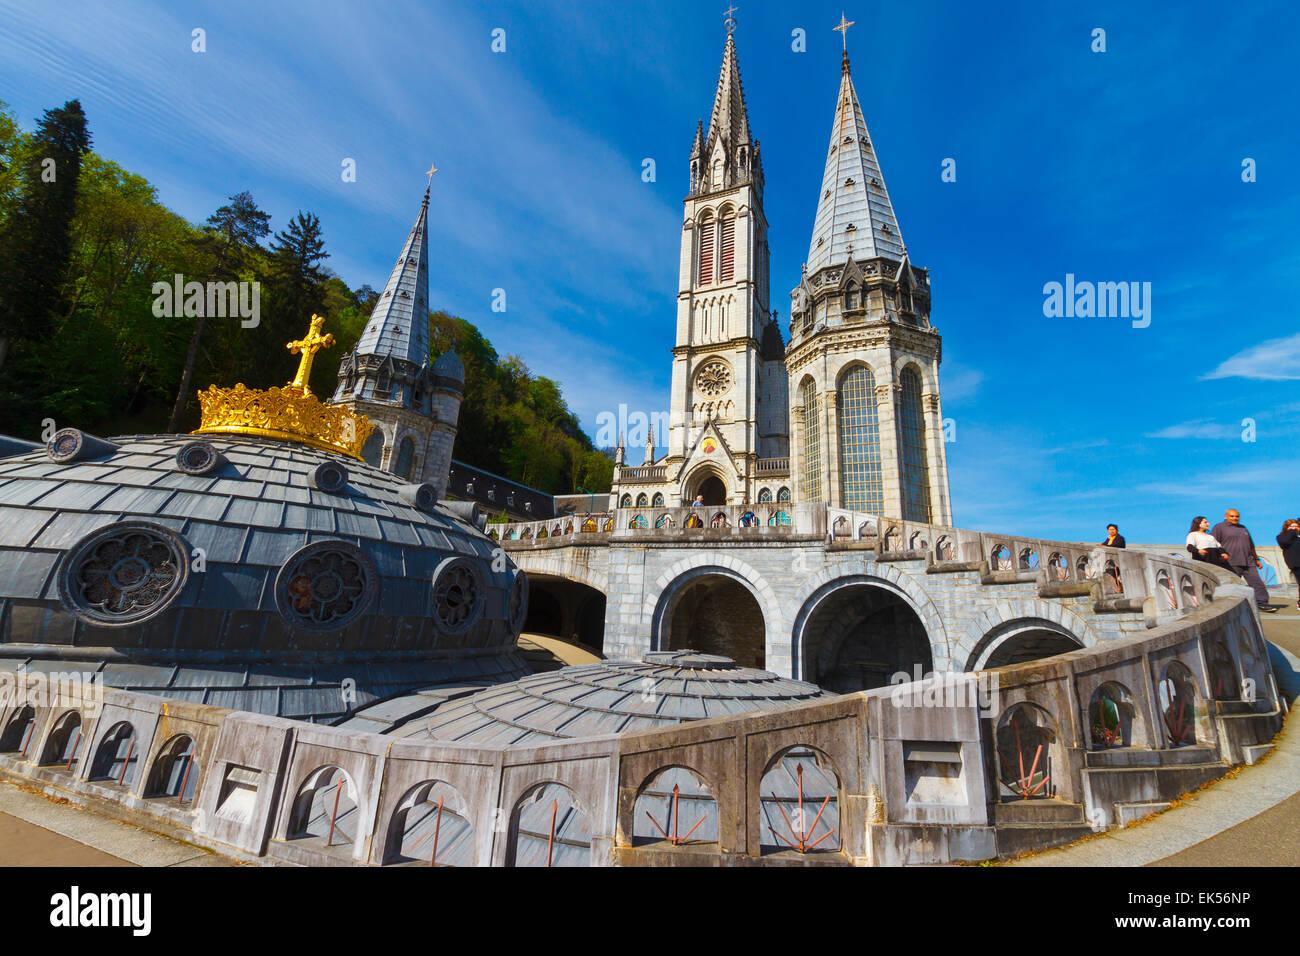 Basilique du Rosaire. La ville de Lourdes. Département des Hautes-Pyrénées, région Midi-Pyrénées, France, Europe. Banque D'Images